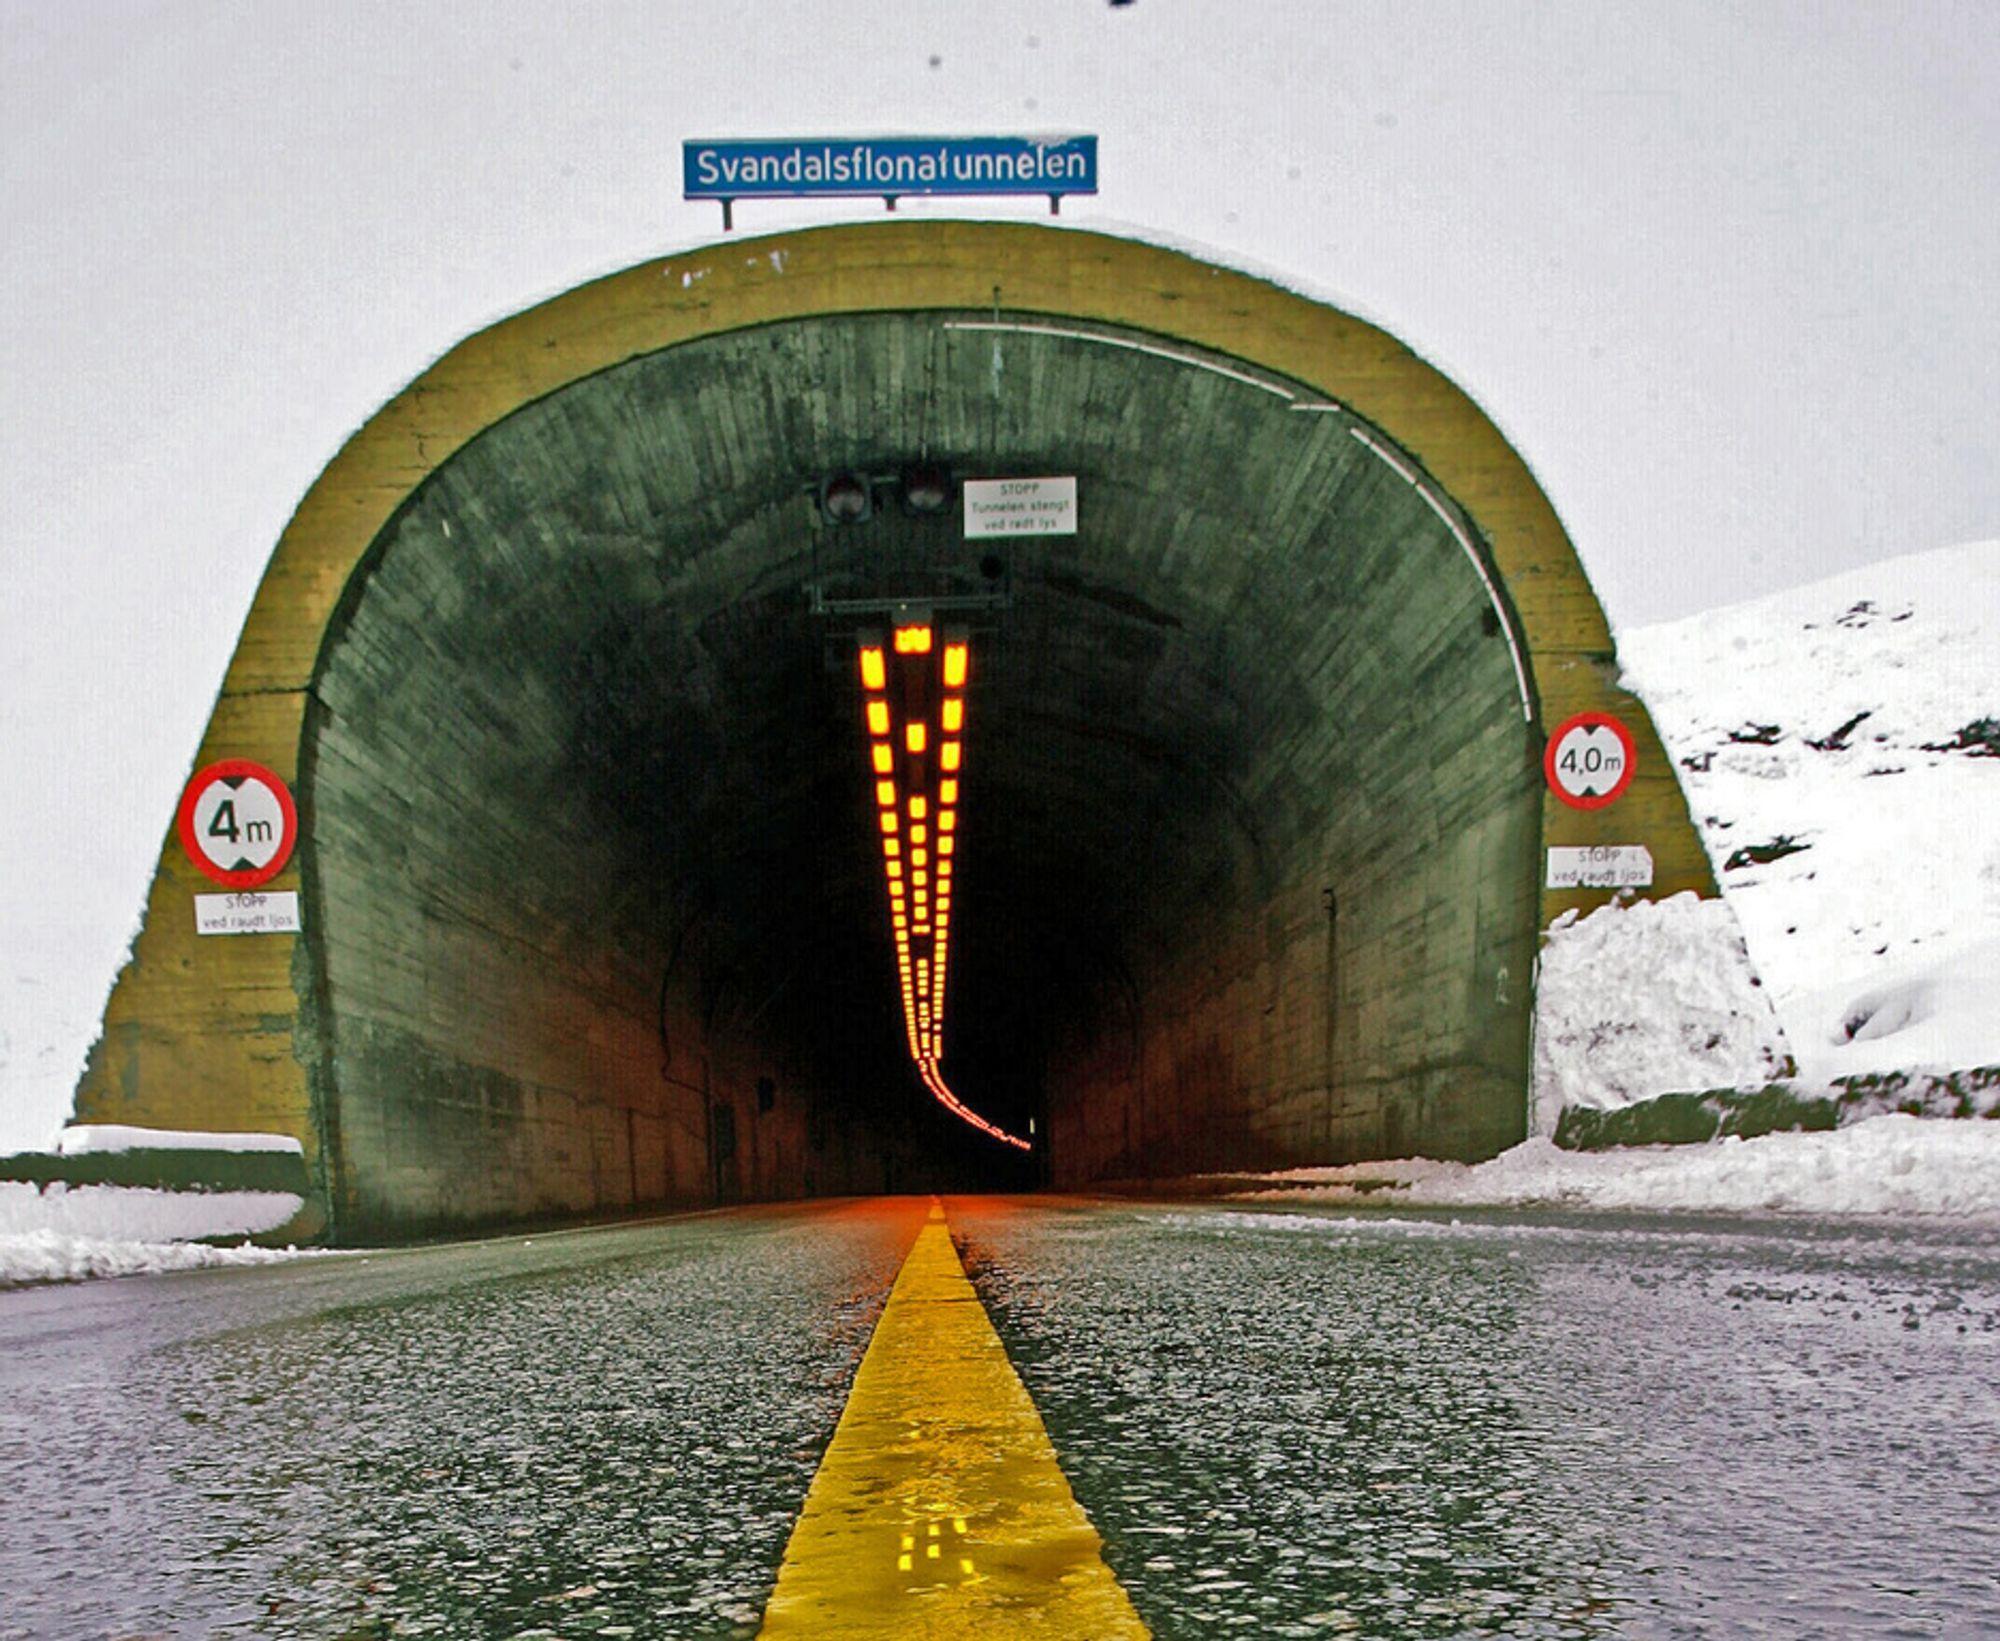 Fire meter er maksimal tillatt høyde i Svandalsflonatunnelen. Før året er omme skal den og de øvrige tunnelene på Haukeli- og Røldalsfjellet skiltes for en høyde på 4,2 meter.